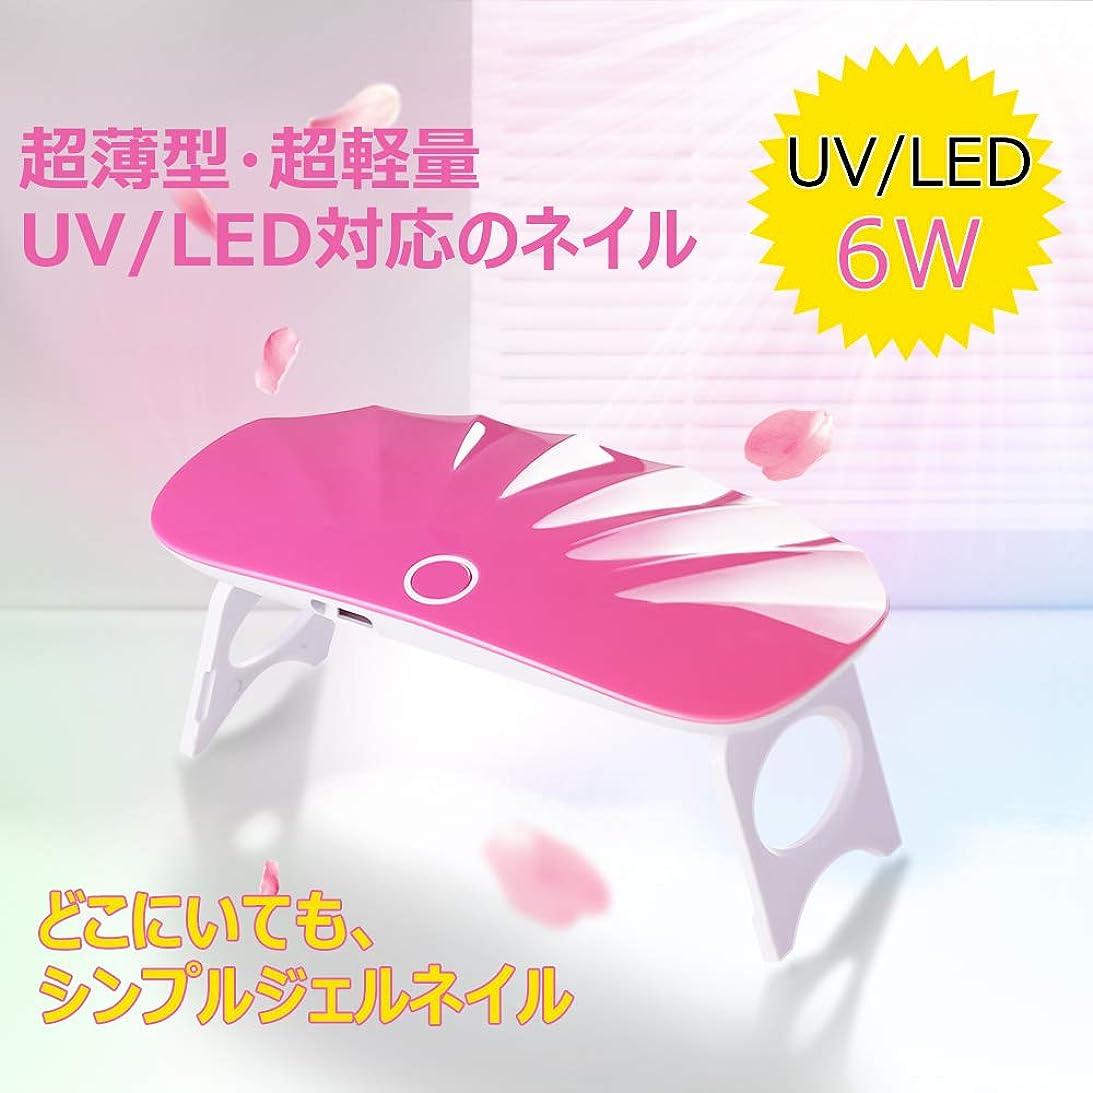 盆地エキス同意するコンパクト/シンプル LED6Wネイルライト LEDジェル?UVジェル?UVレジンにも対応 マーメイドシェルライト (ピンク)